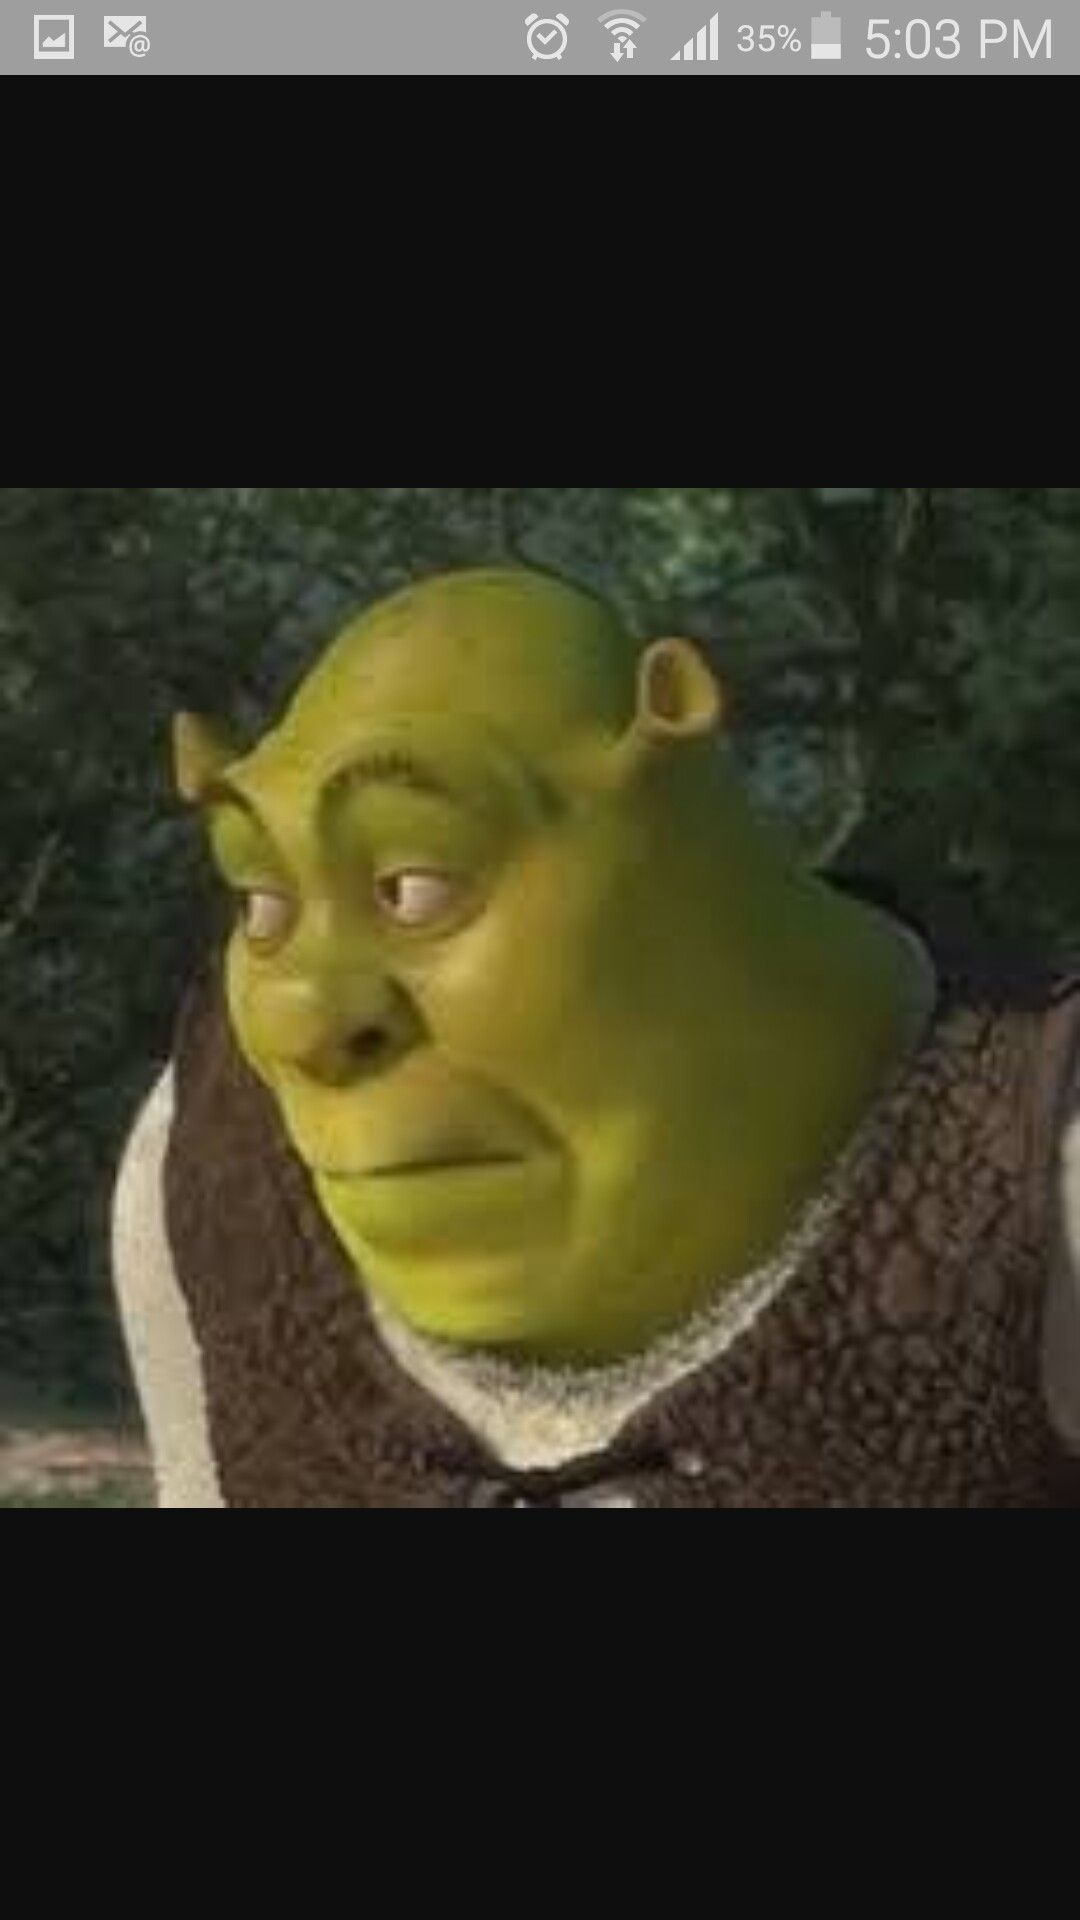 Shrek memes en espa ol memes fun pinterest shrek - Anne de shrek ...